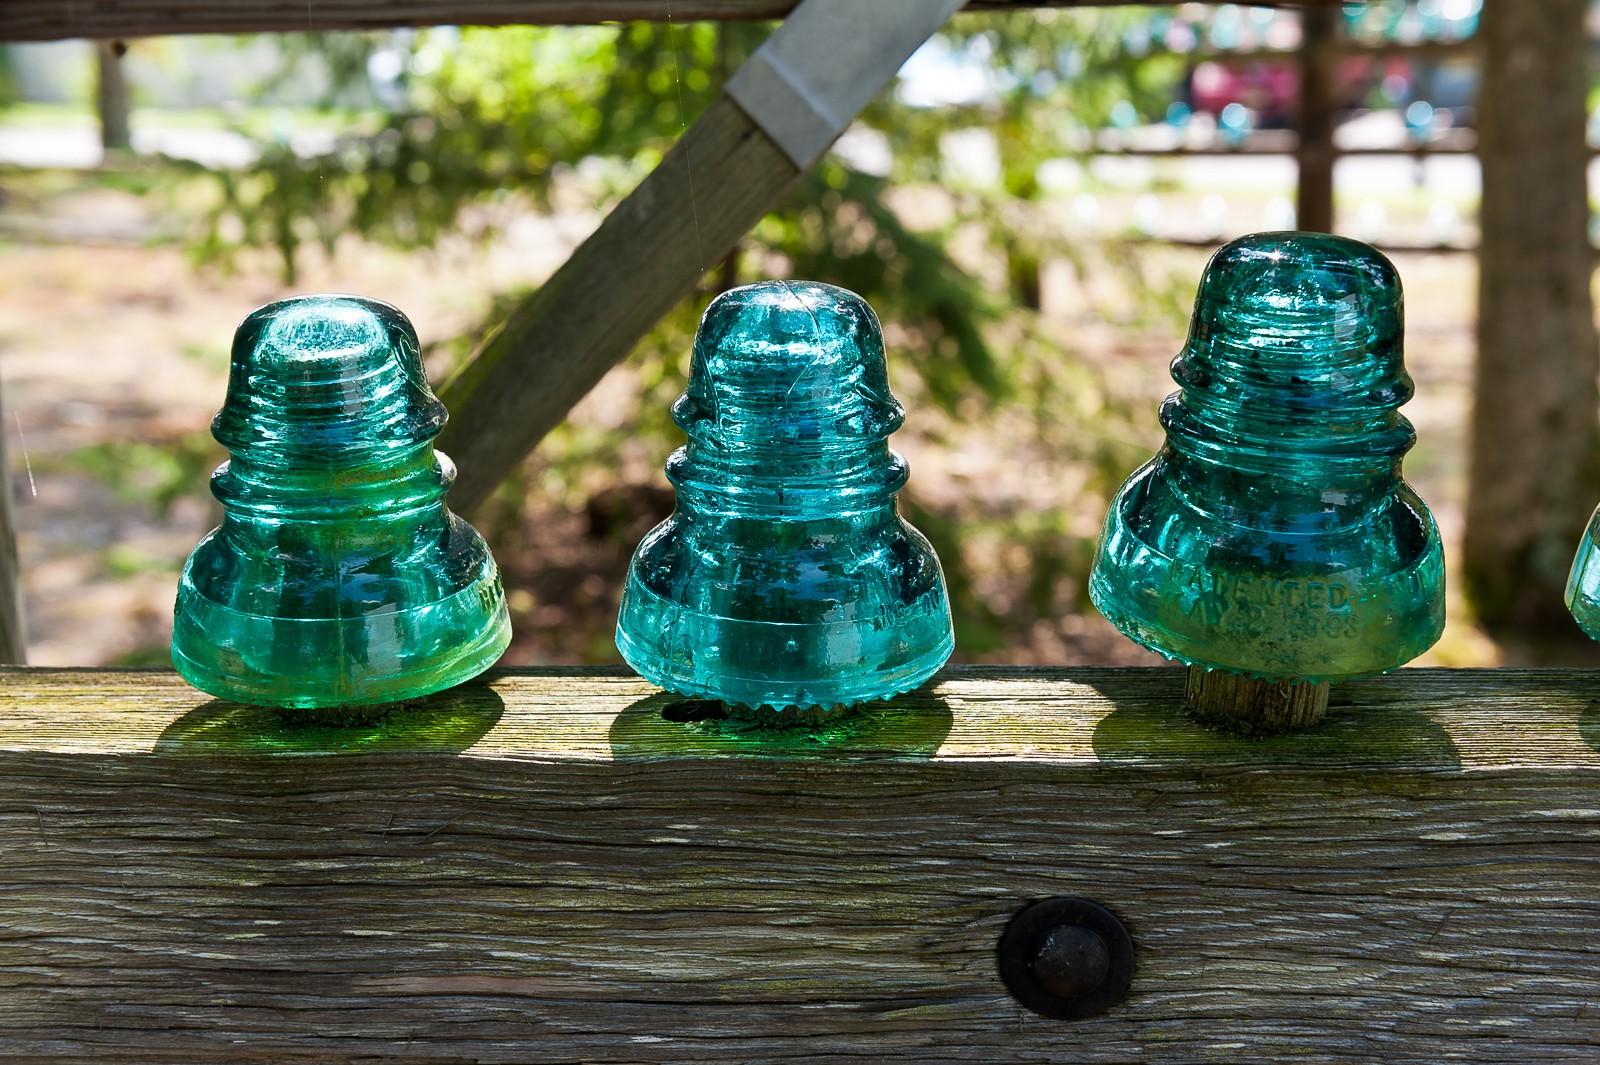 glass-insulators-0730